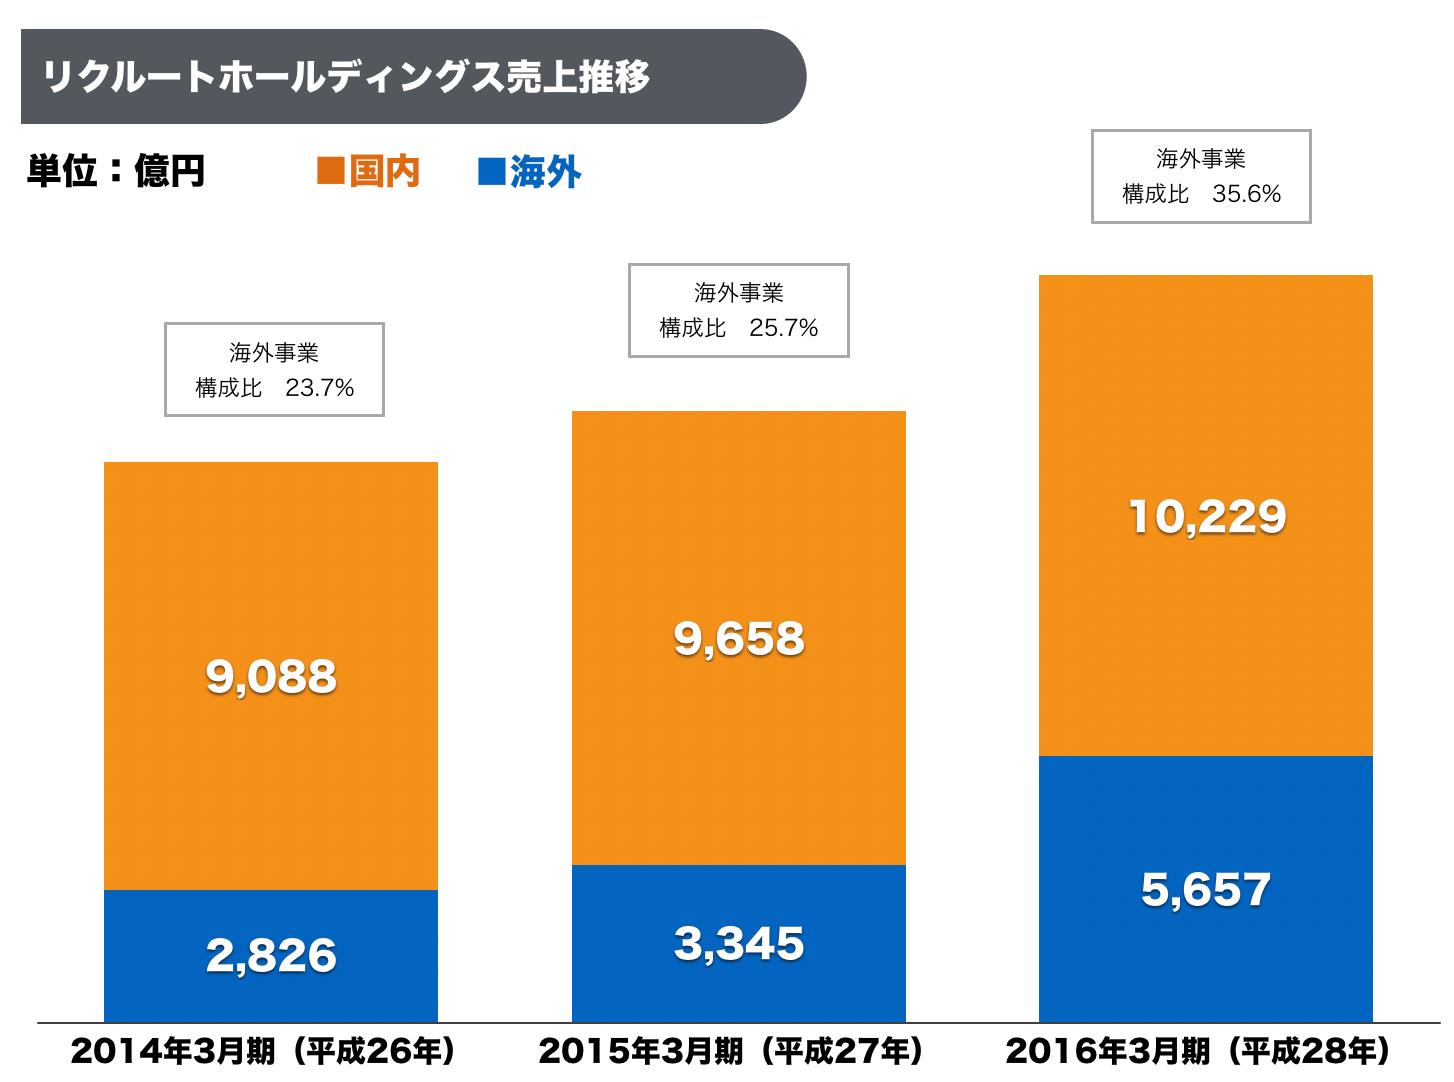 %e3%83%aa%e3%82%af%e3%83%ab%e3%83%bc%e3%83%88%e3%83%9b%e3%83%bc%e3%83%ab%e3%83%86%e3%82%99%e3%82%a3%e3%83%b3%e3%82%af%e3%82%99%e3%82%b9%e5%a3%b2%e4%b8%8a%e6%8e%a8%e7%a7%bb%e6%b5%b7%e5%a4%96%e6%a7%8b